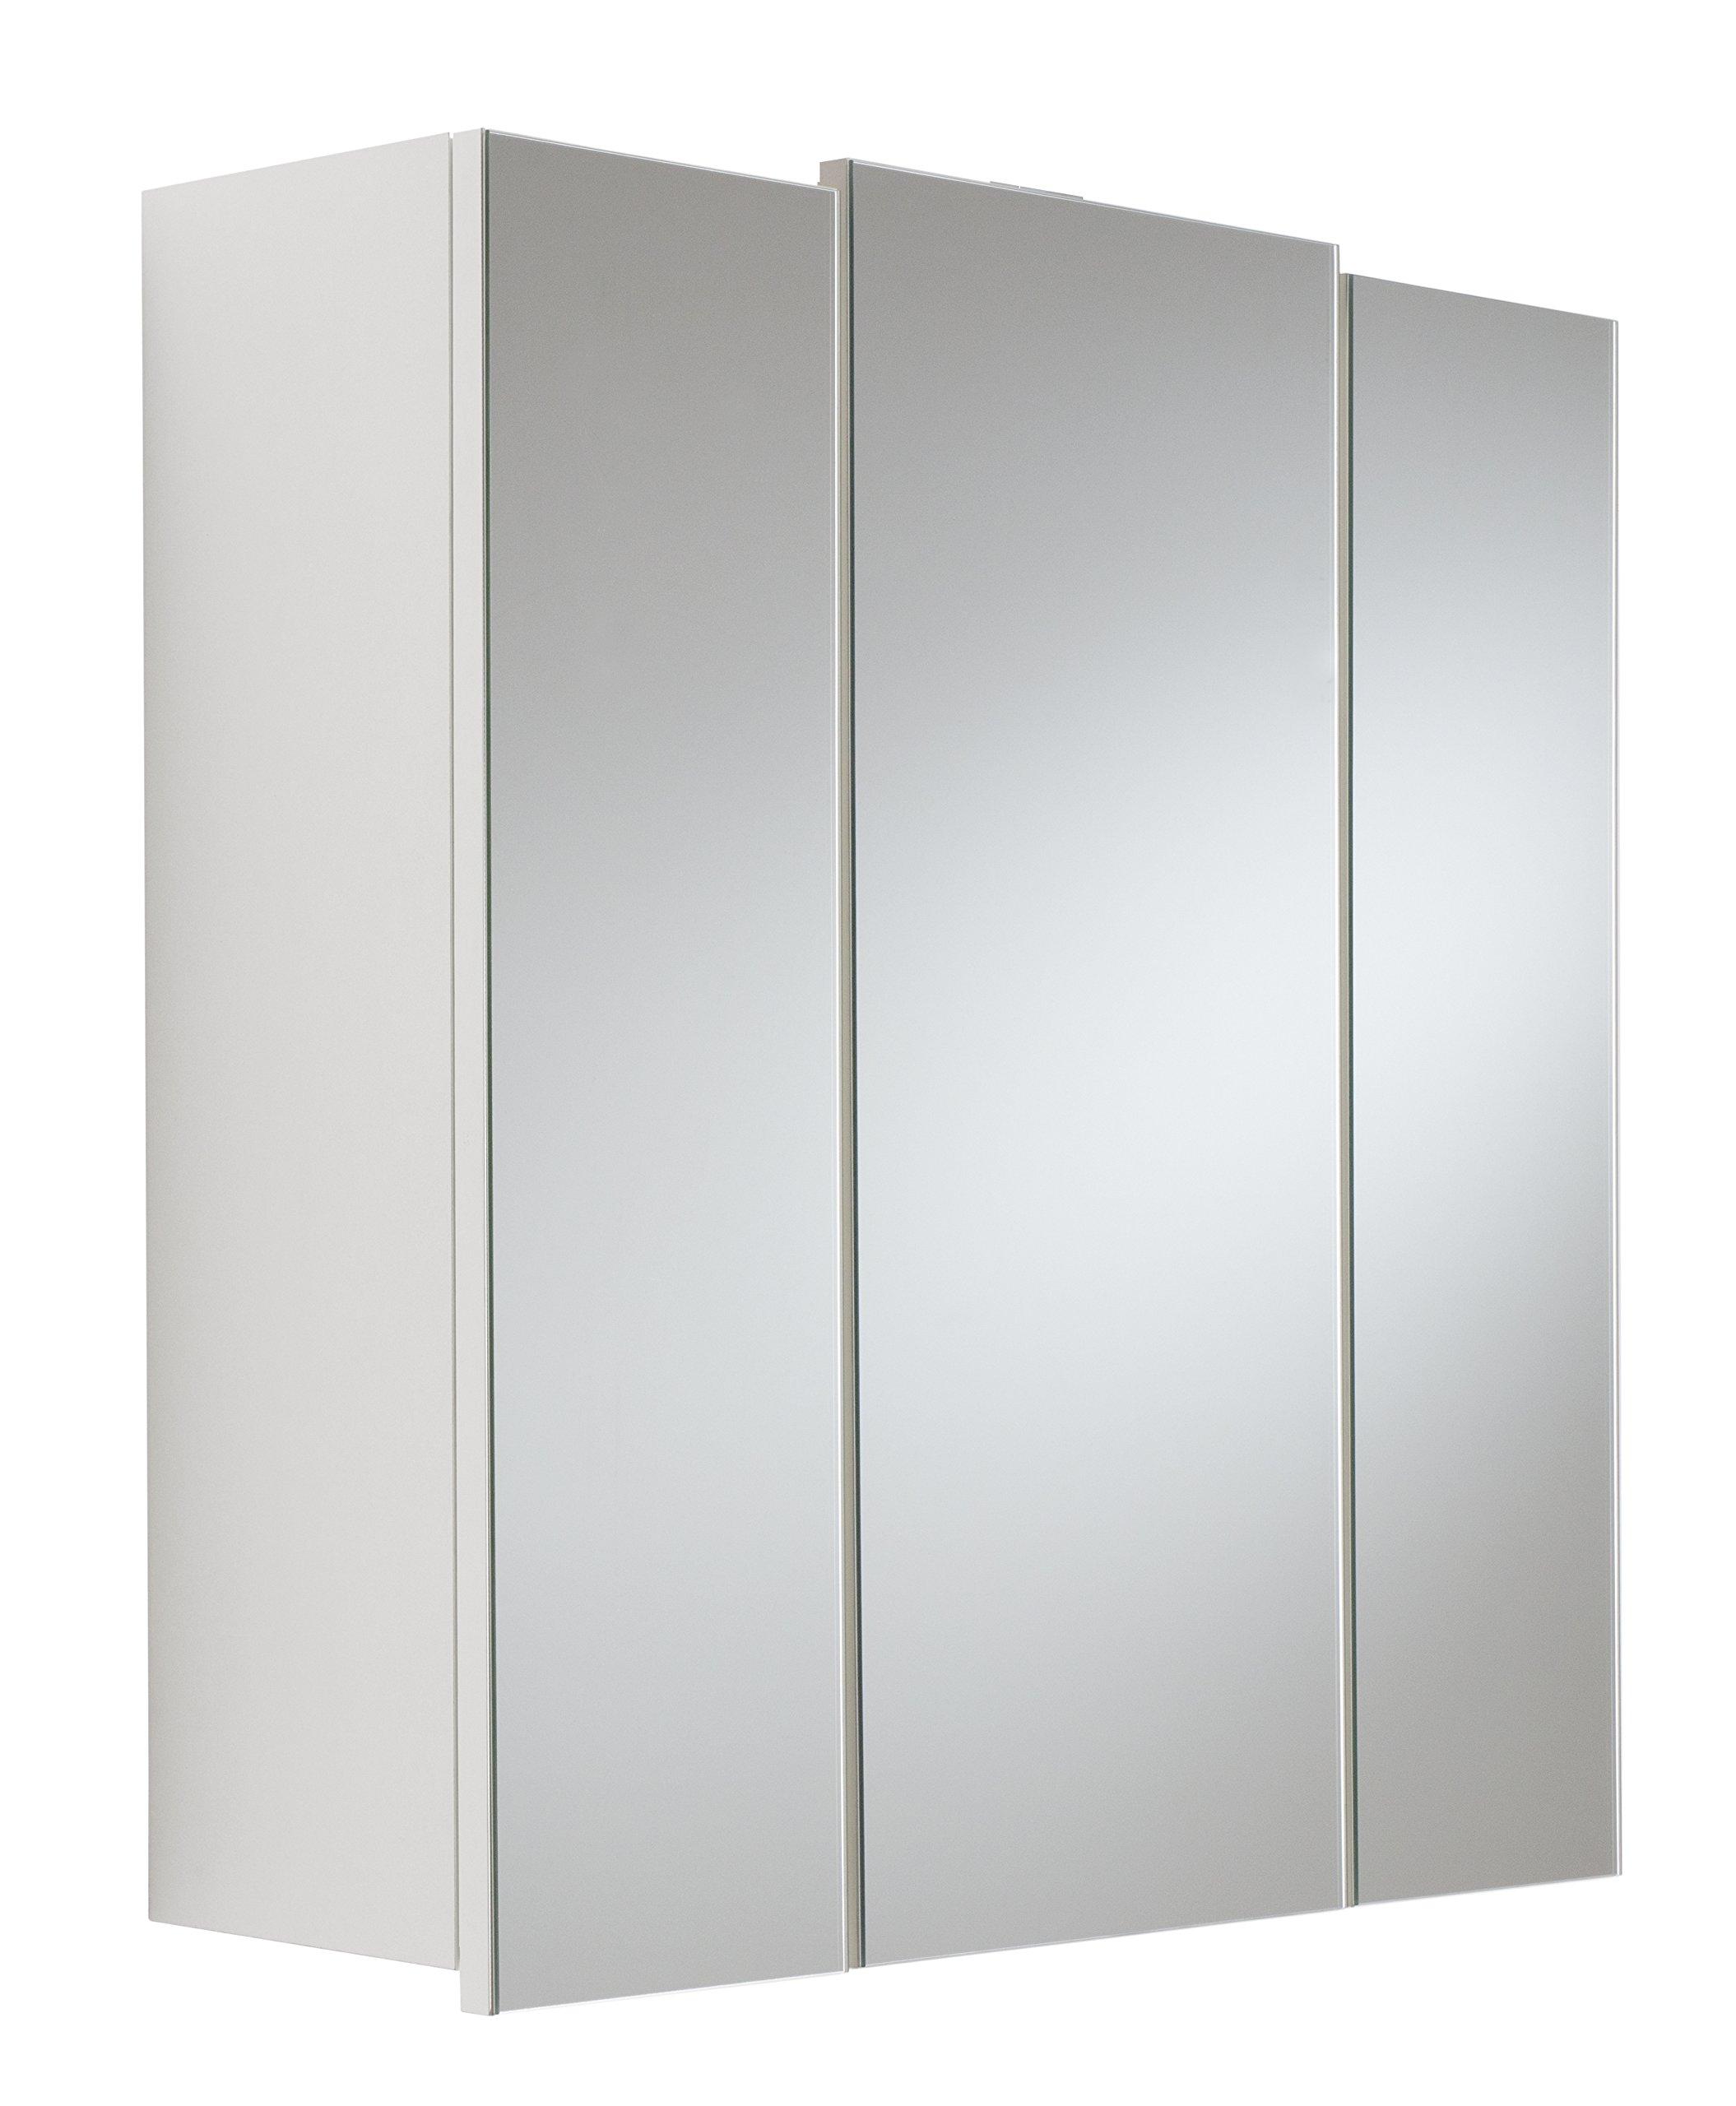 Fabelhaft Spiegelschrank 3 Türig Referenz Von Posseik 5484-76 3-türig, 68 X 71 X